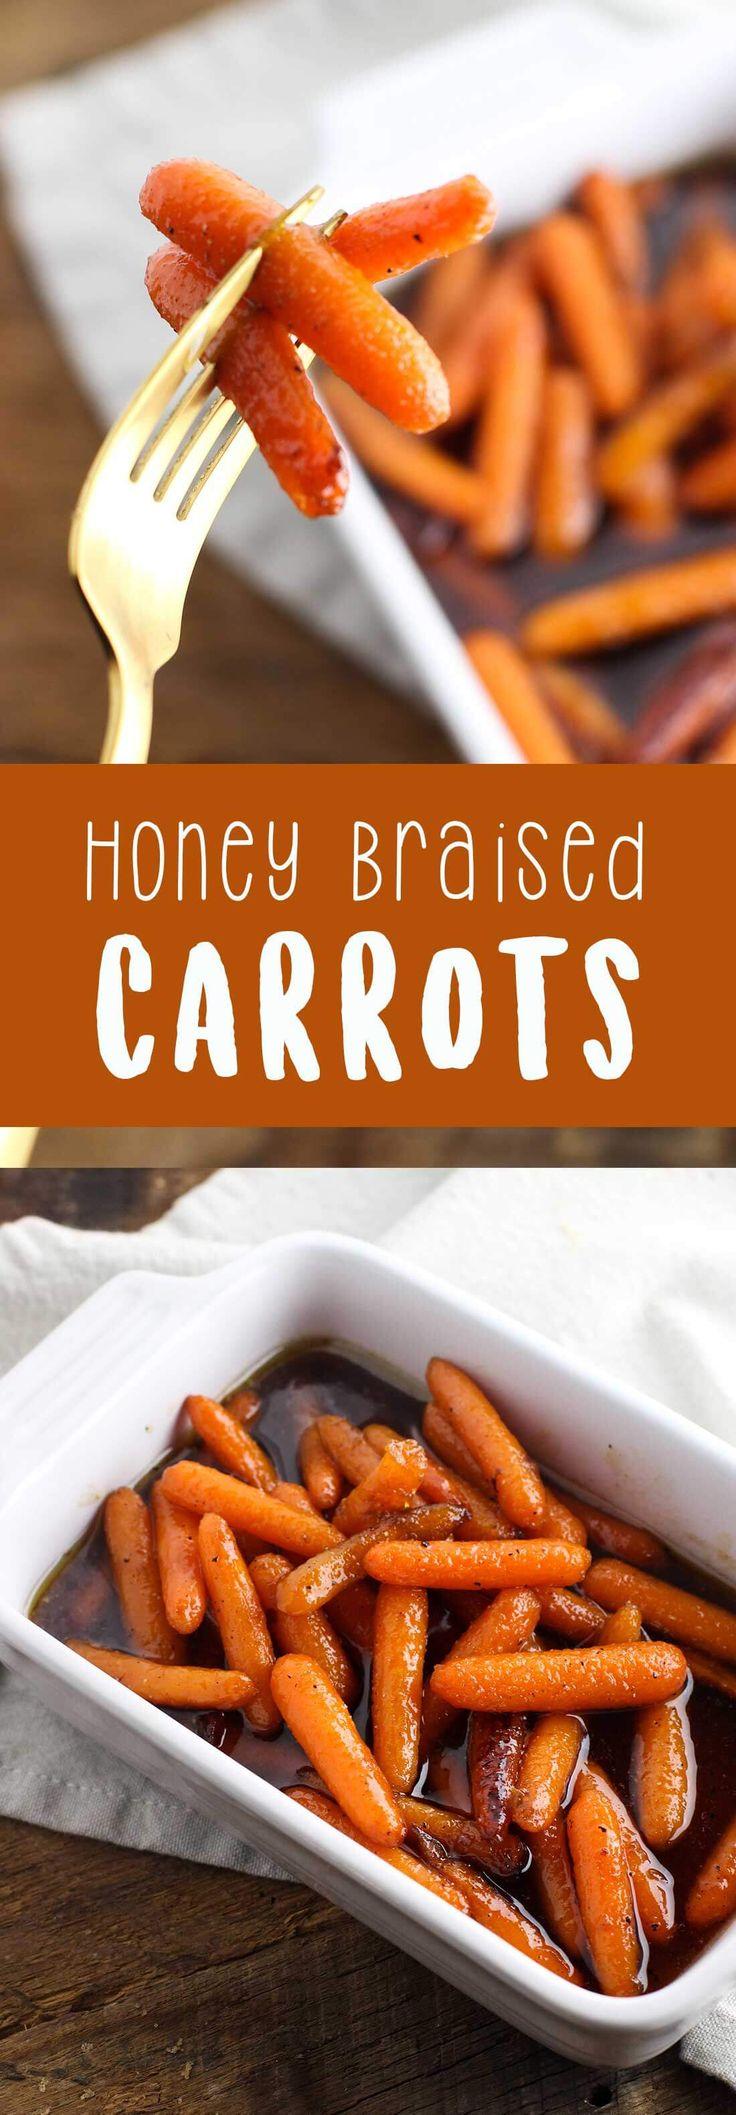 Honey Braised Carrots